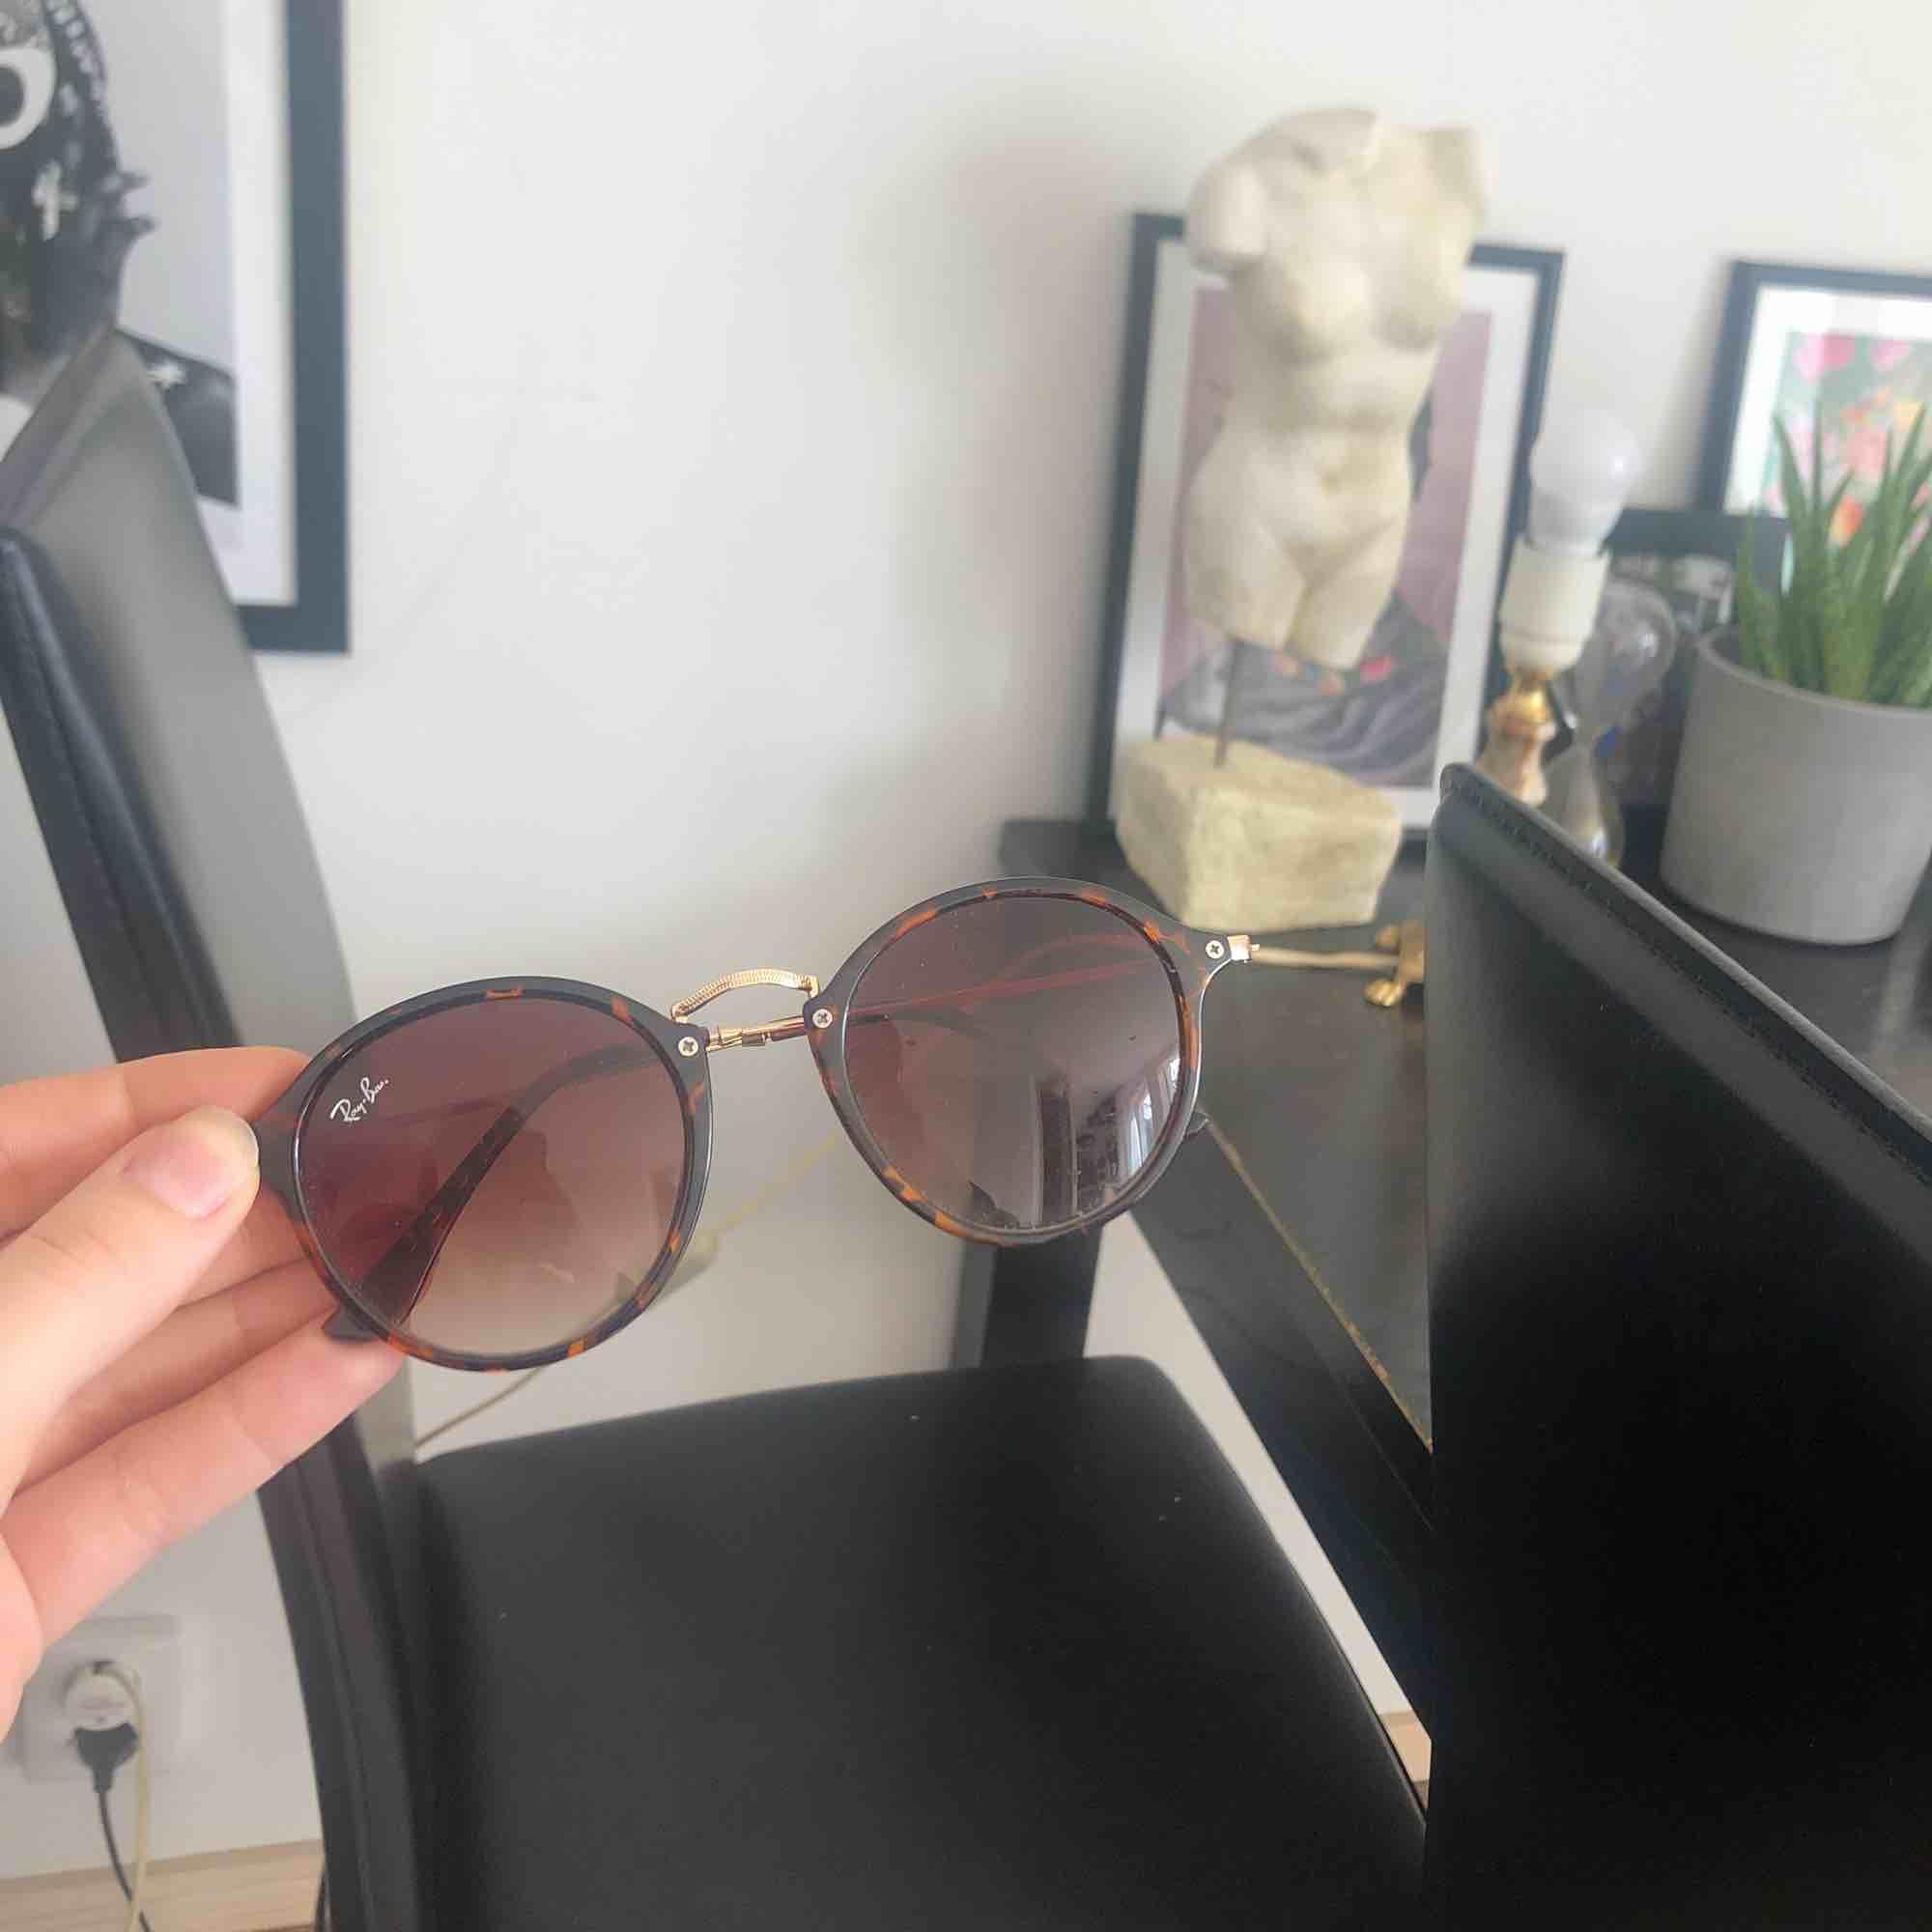 80 kr inkl frakt, supersnygga solglasögon! Ej äkta rayban. Accessoarer.